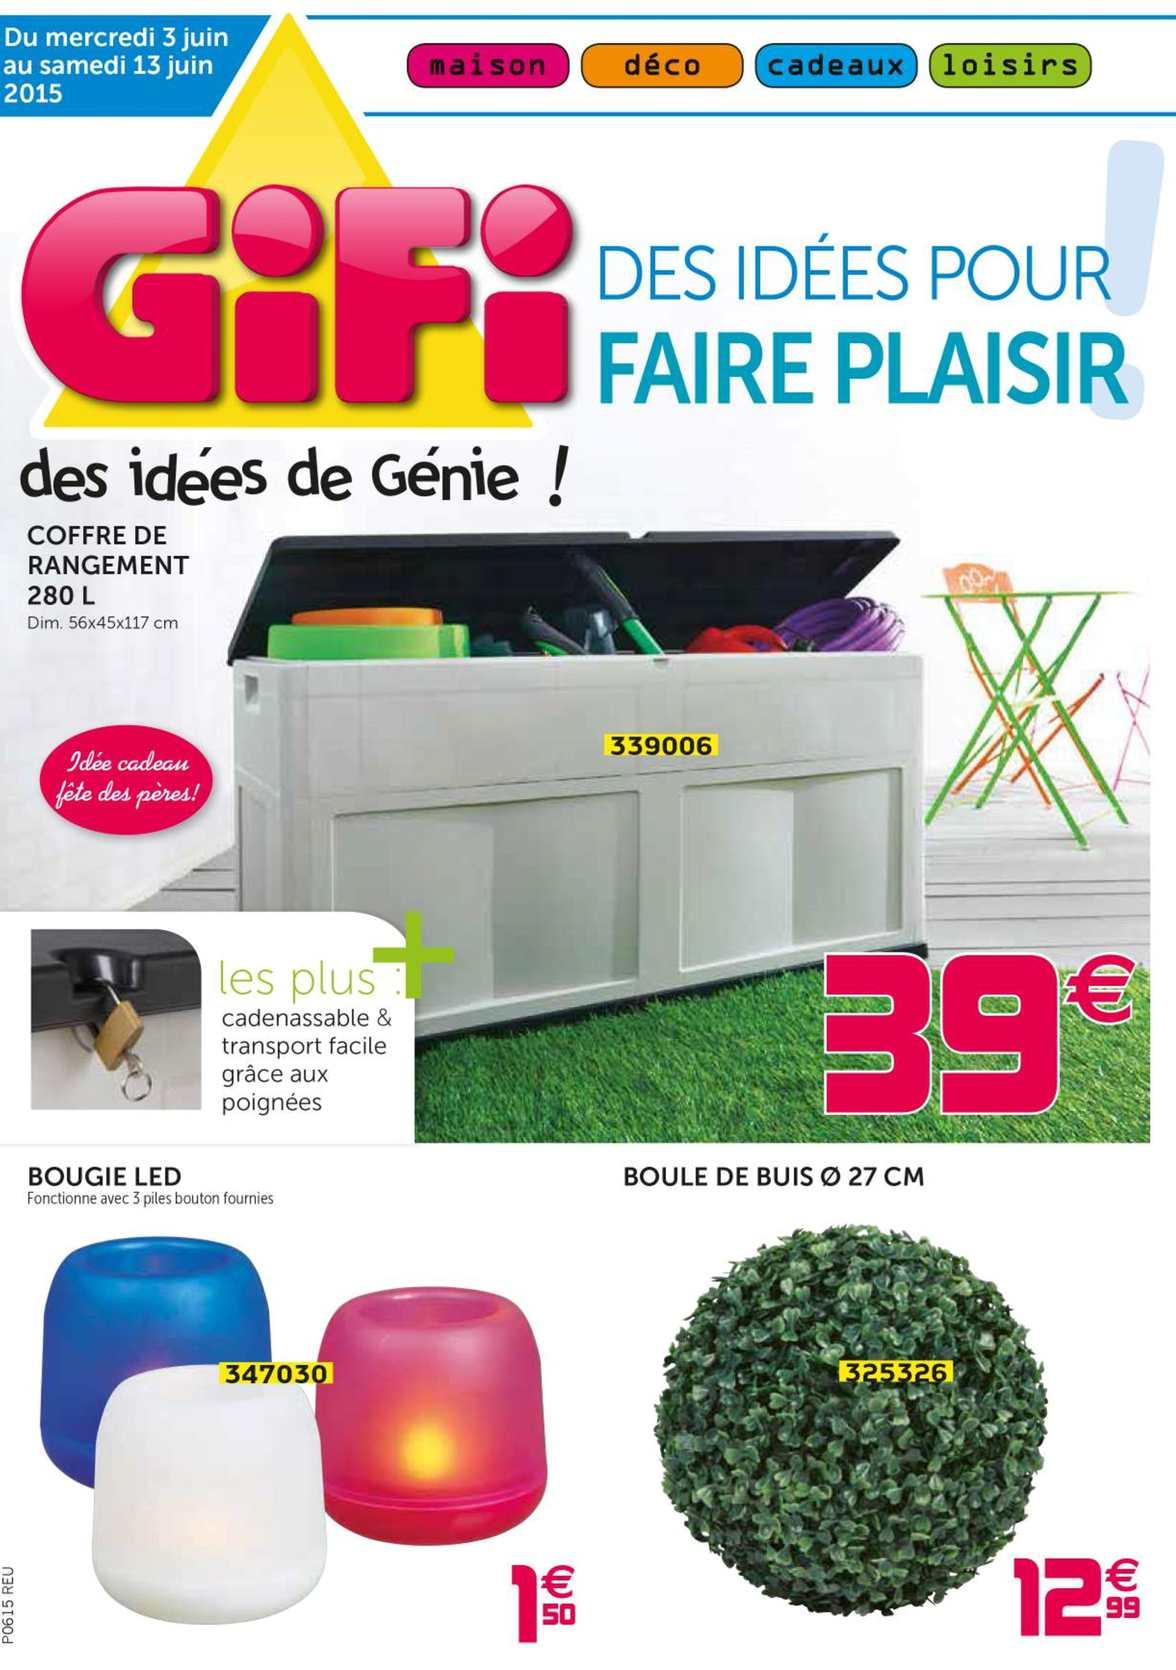 Douchette Lumineuse Gifi Luxe Photos Revetement Adhesif Pour Meuble Gifi